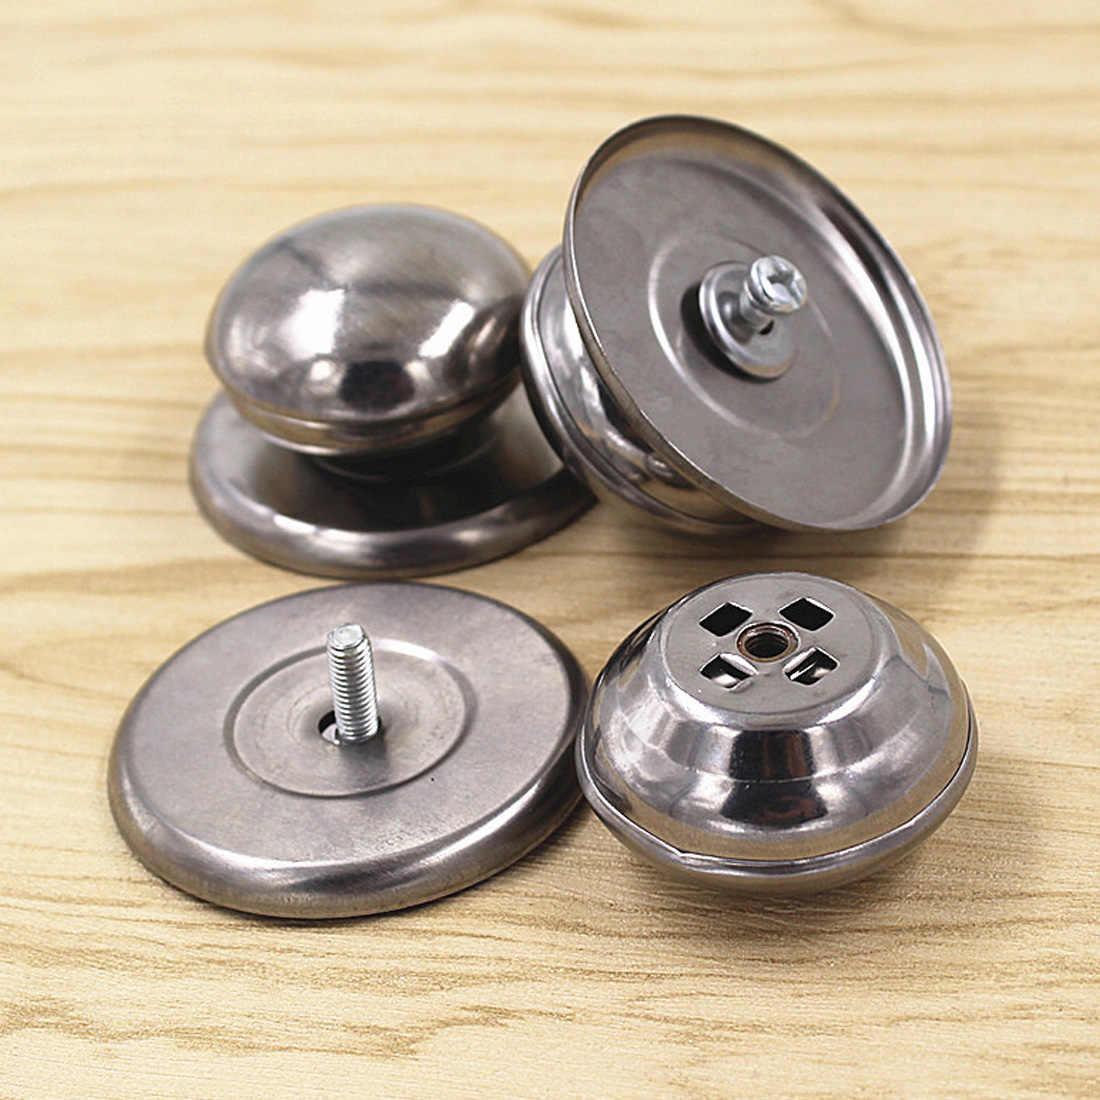 Сменная кастрюля из нержавеющей стали, стеклянная крышка, ручка, кухонный инструмент, кухонная посуда